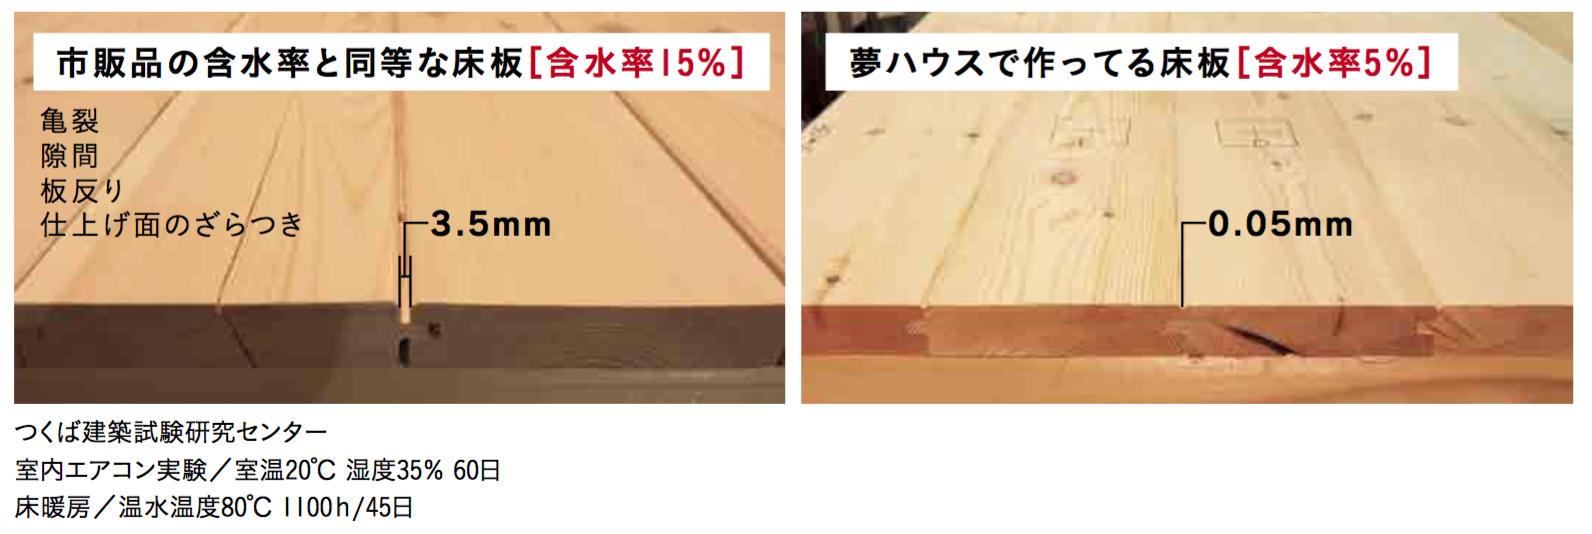 床板の収縮変化の比較